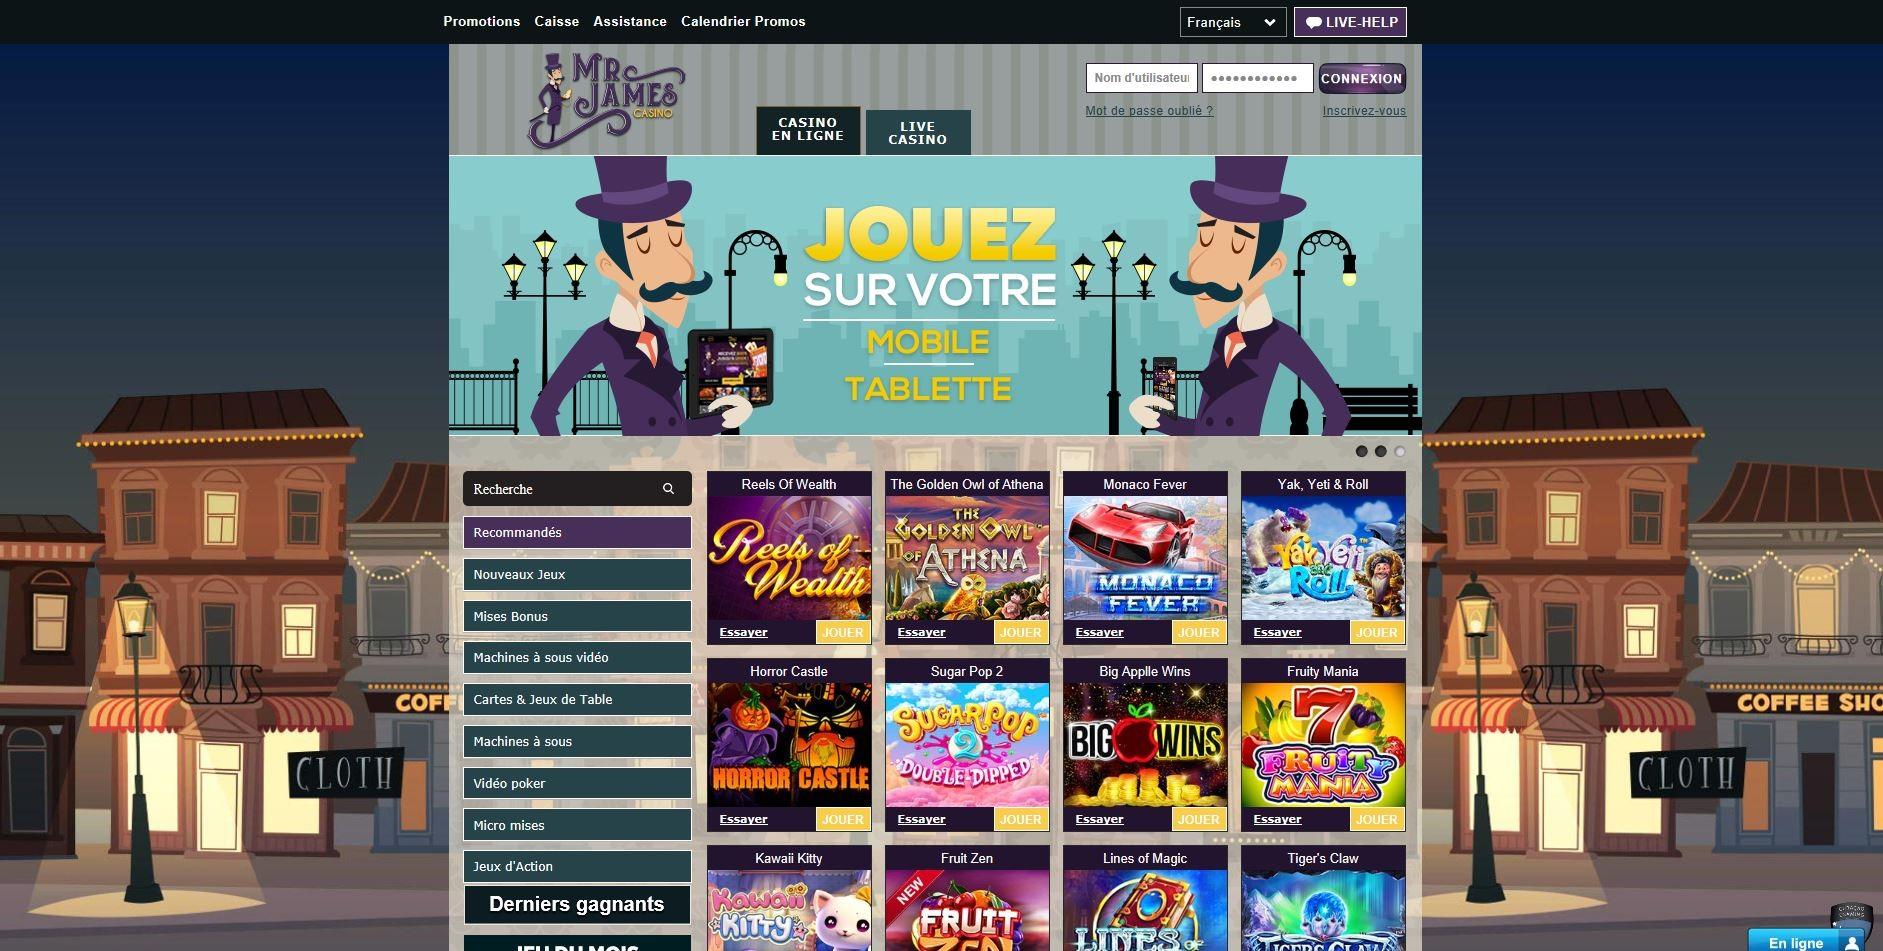 Mr James Casino : notre avis pour vous parler de ses prestations